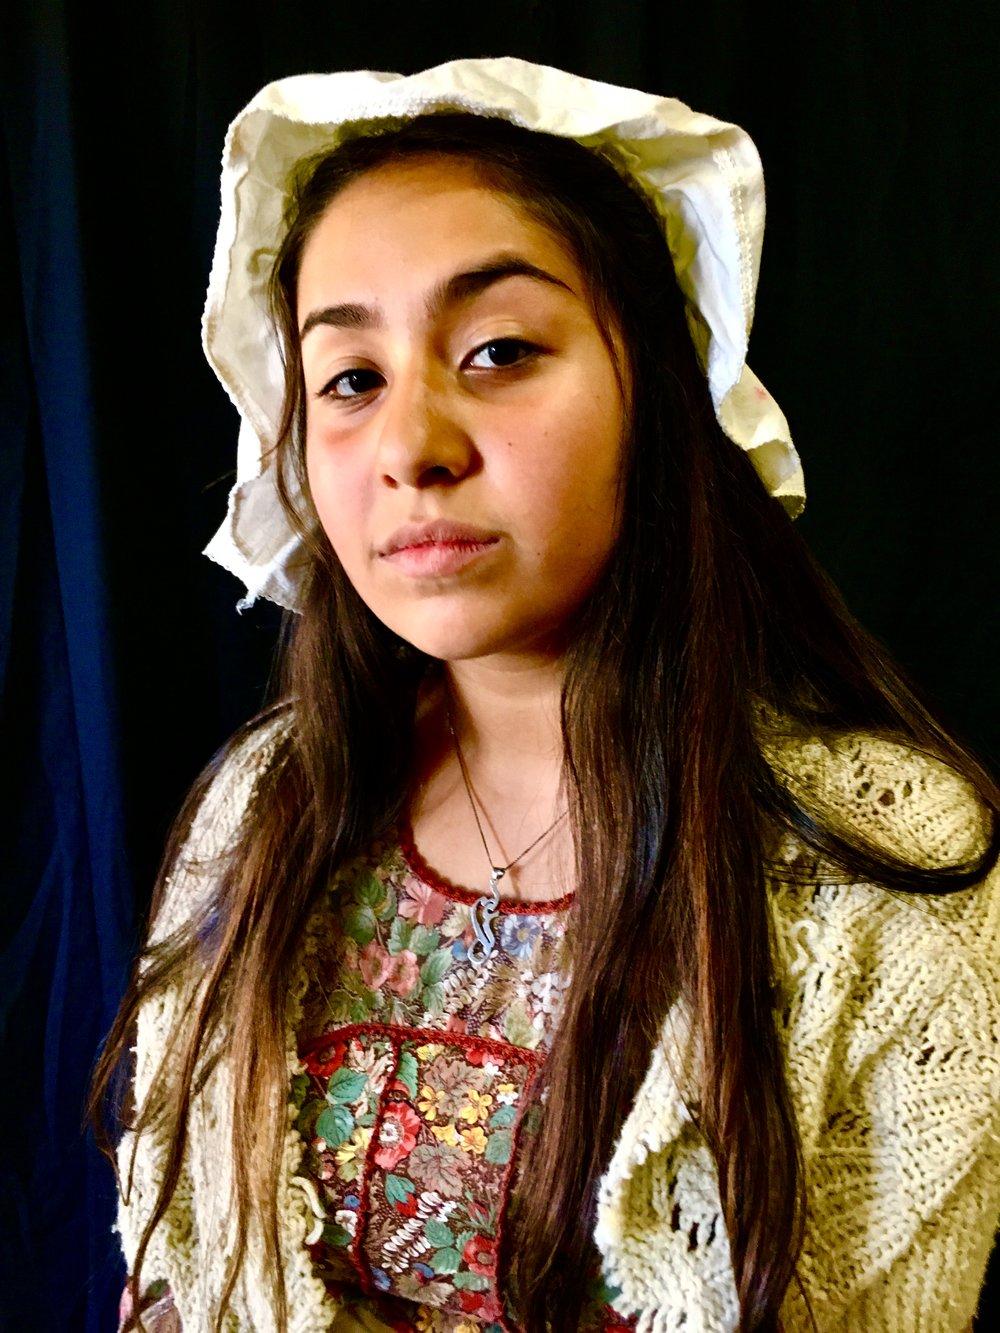 Asal Takesh as Fantine.